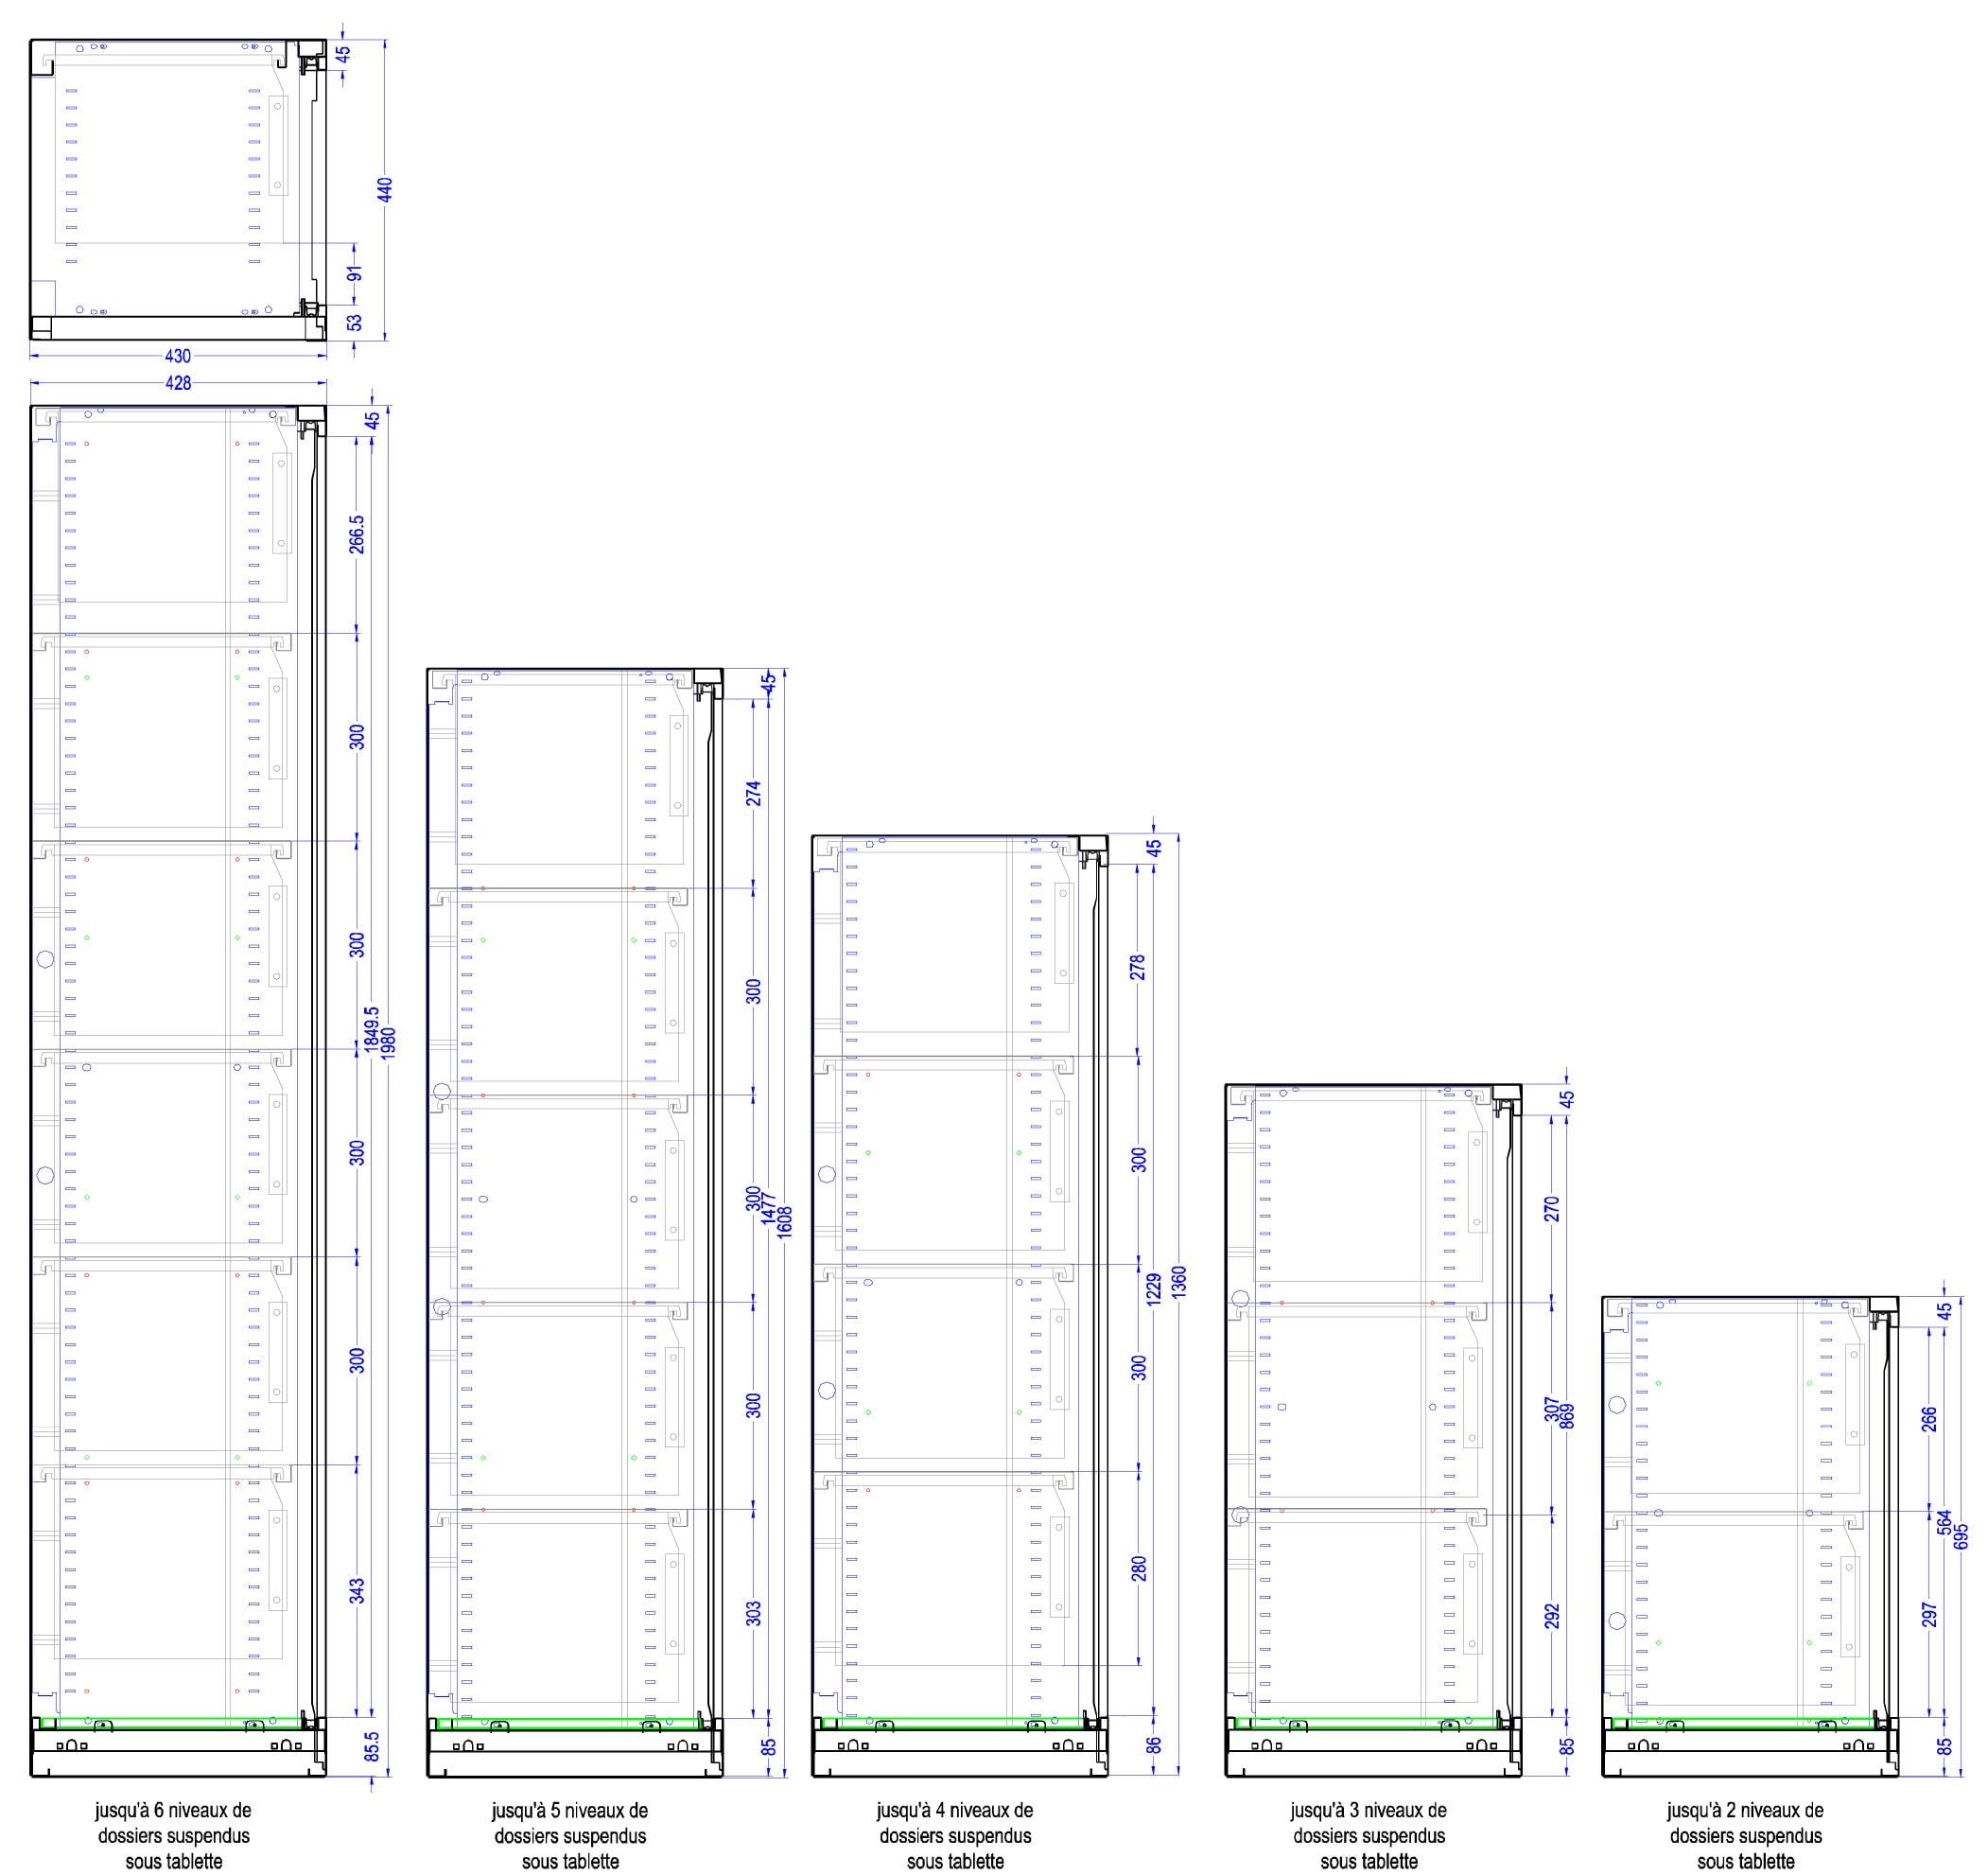 Capacité d'aménagement en dossiers supendus pour tous les formats d'armoires